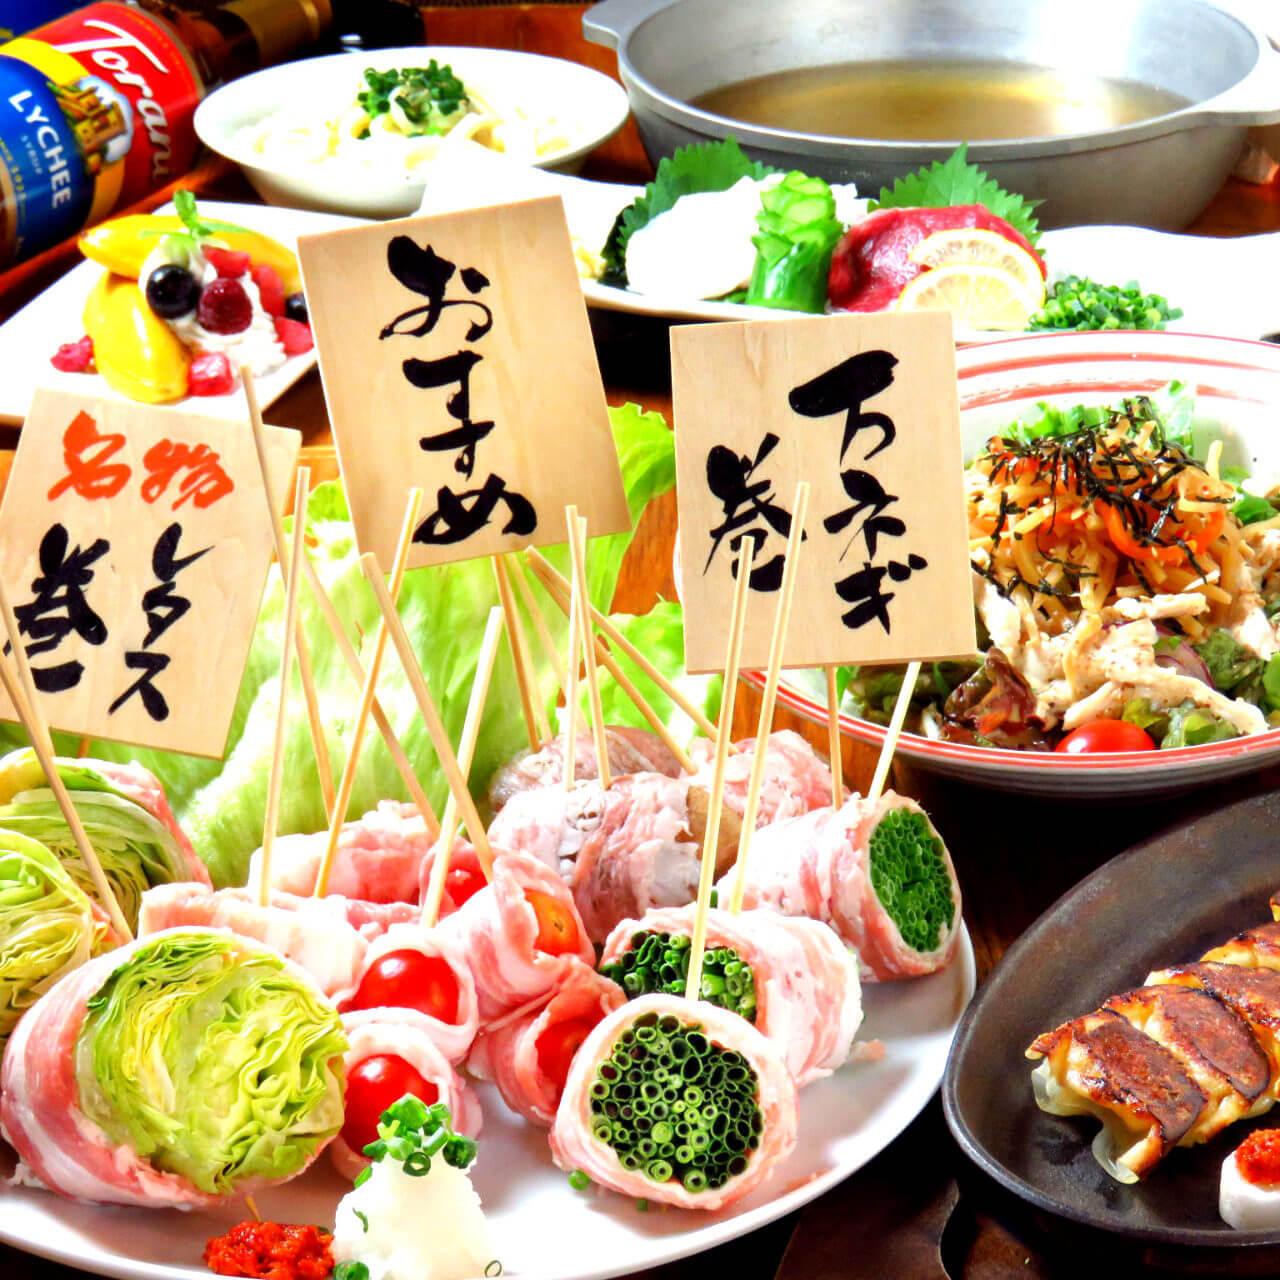 【3・4月宴会】博多野菜巻き串と石焼スタミナ味噌もつ焼きコース2時間飲み放題付き全7品